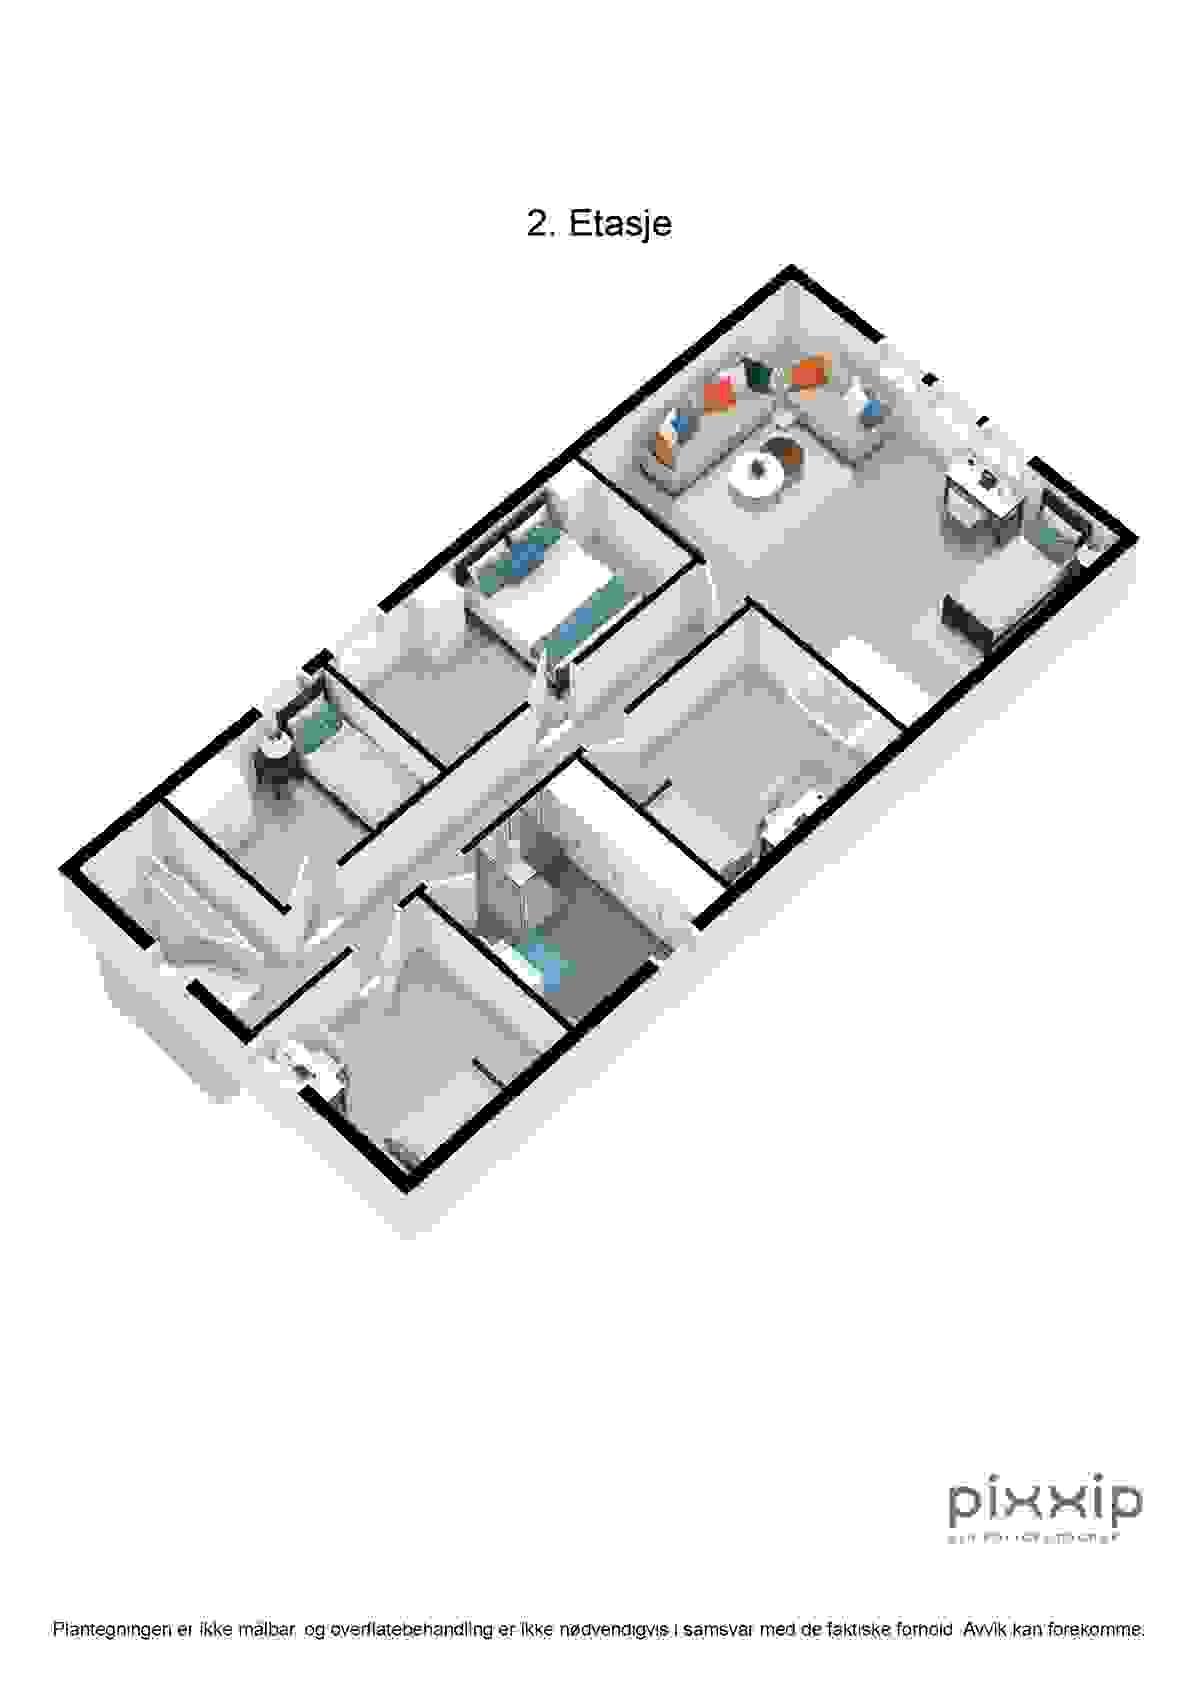 Planskisse - 2. etasje